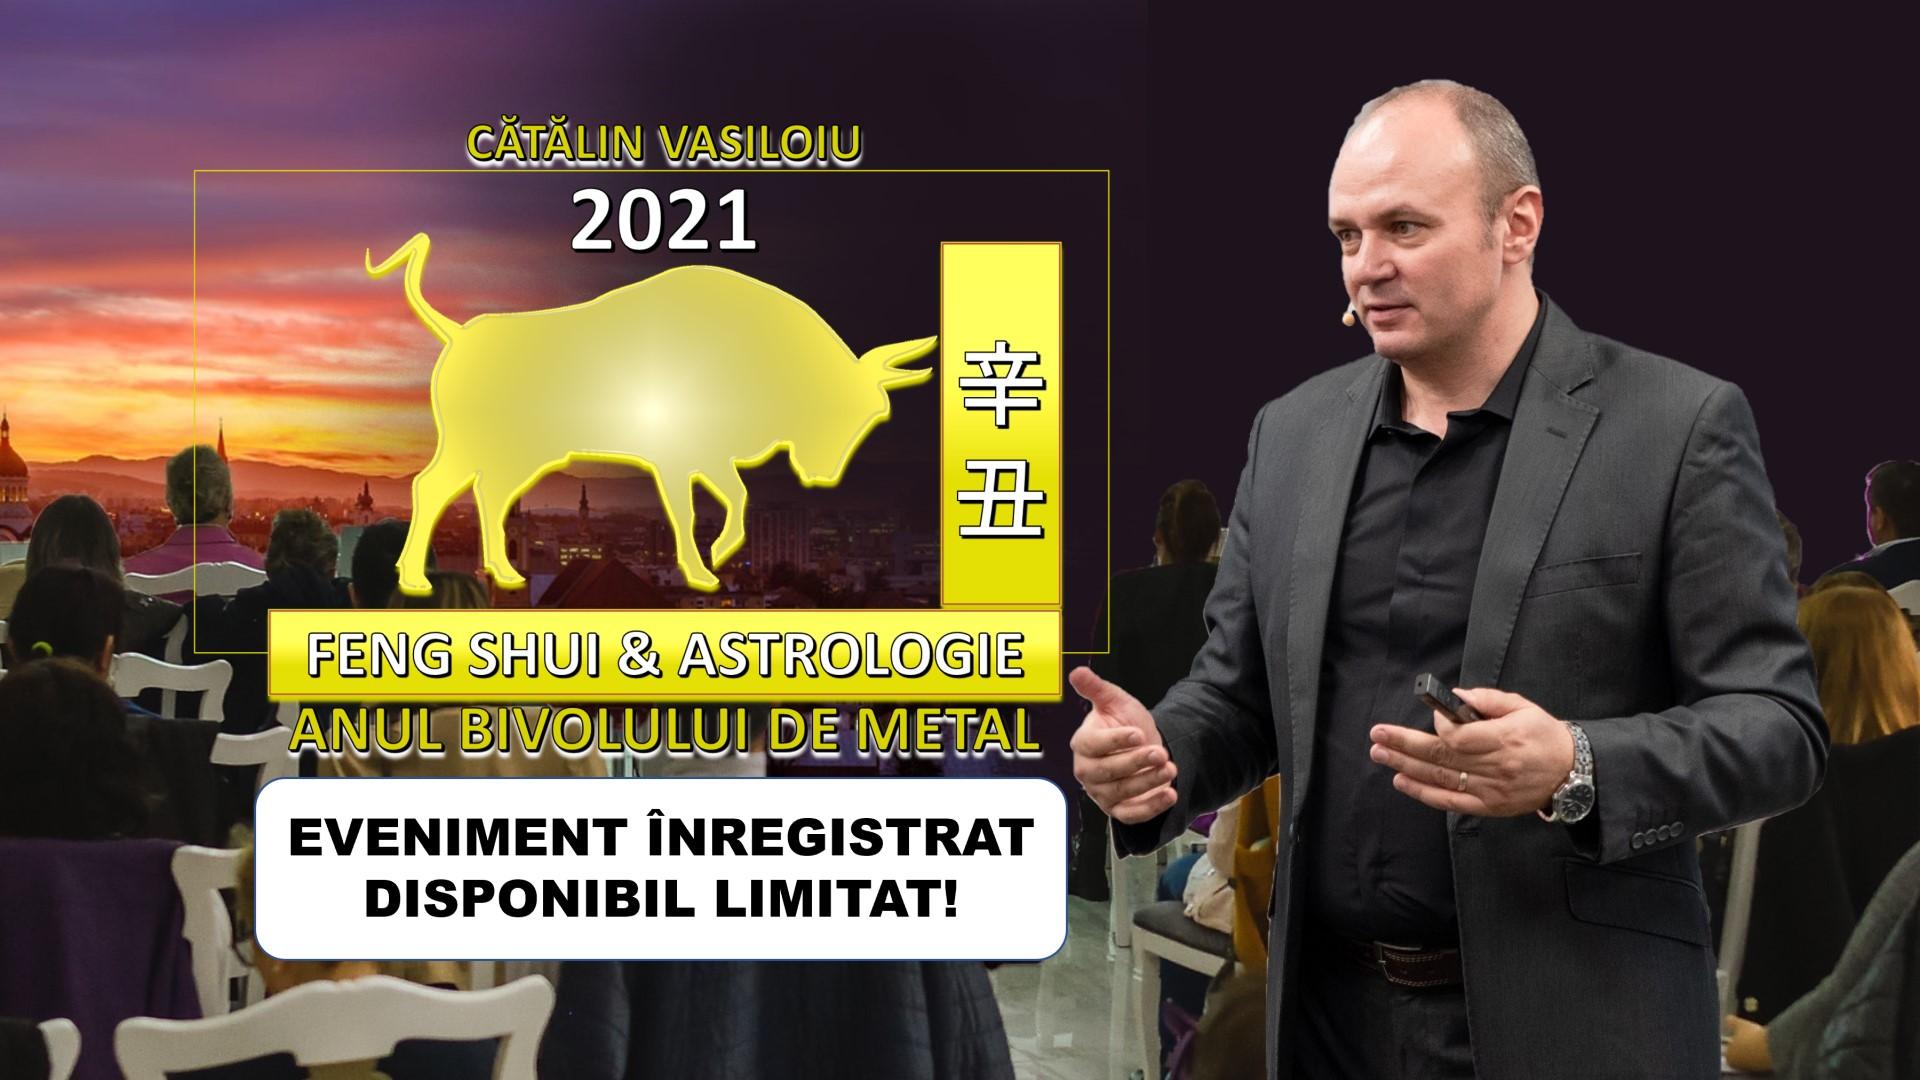 Cătălin Vasiloiu 2021 Anul Bivolului de Metal Reluare